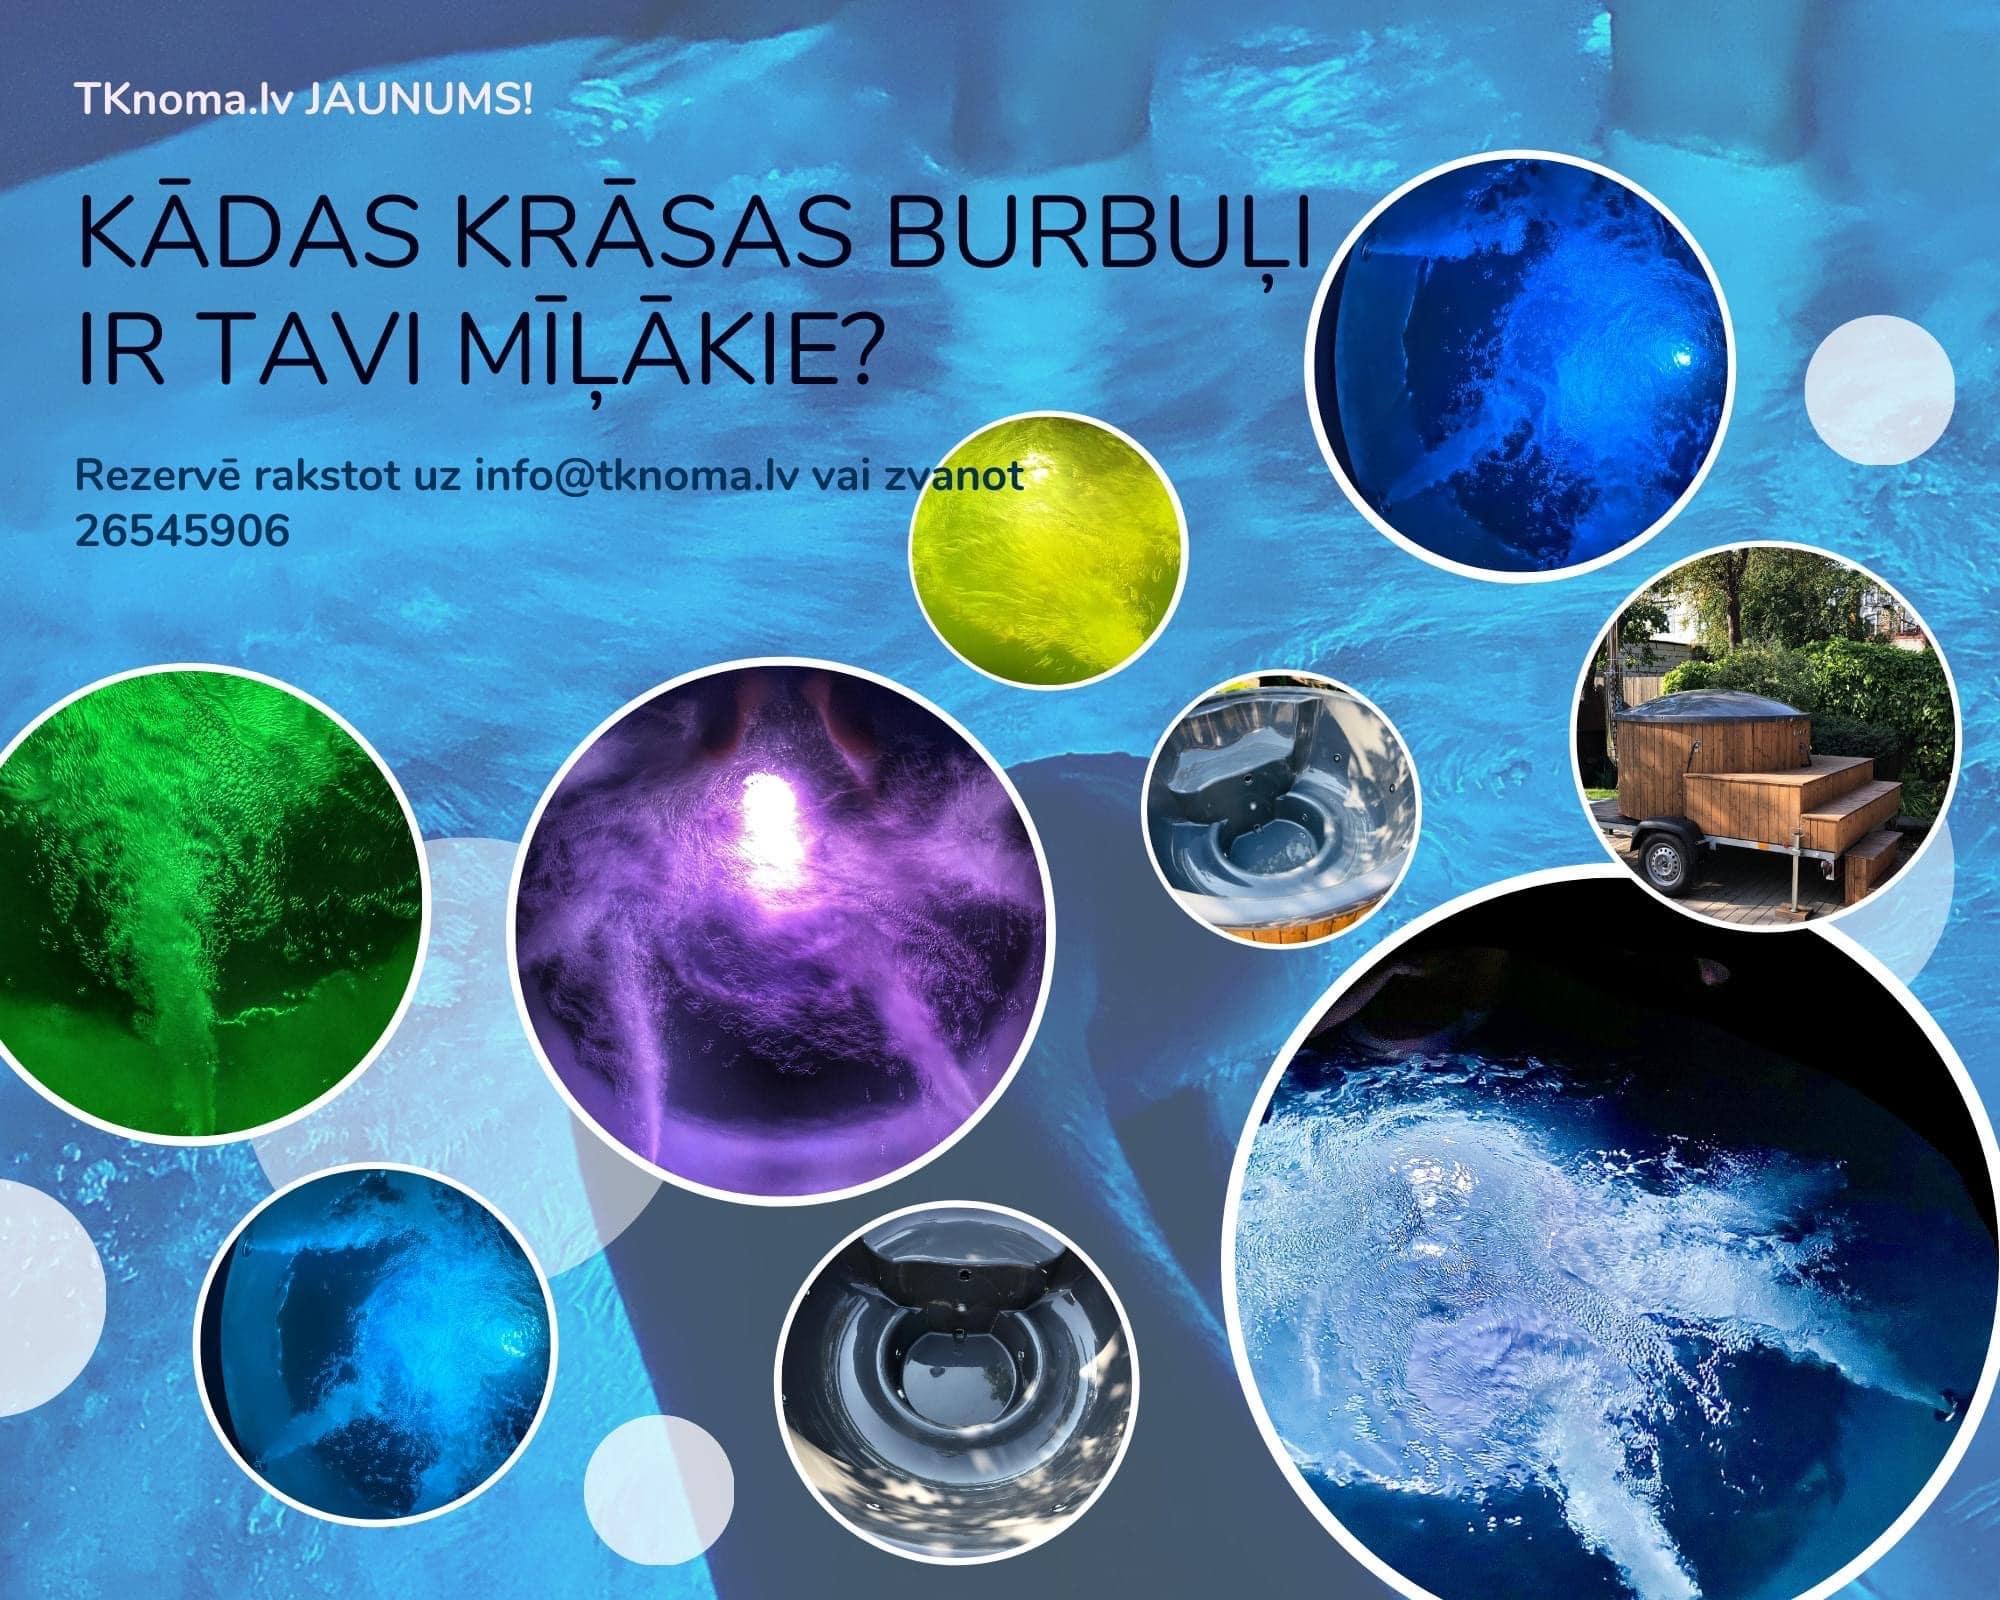 tknoma kubla jautājuma paklāts kādas krāsas burbuļi ir tavi mīļākie